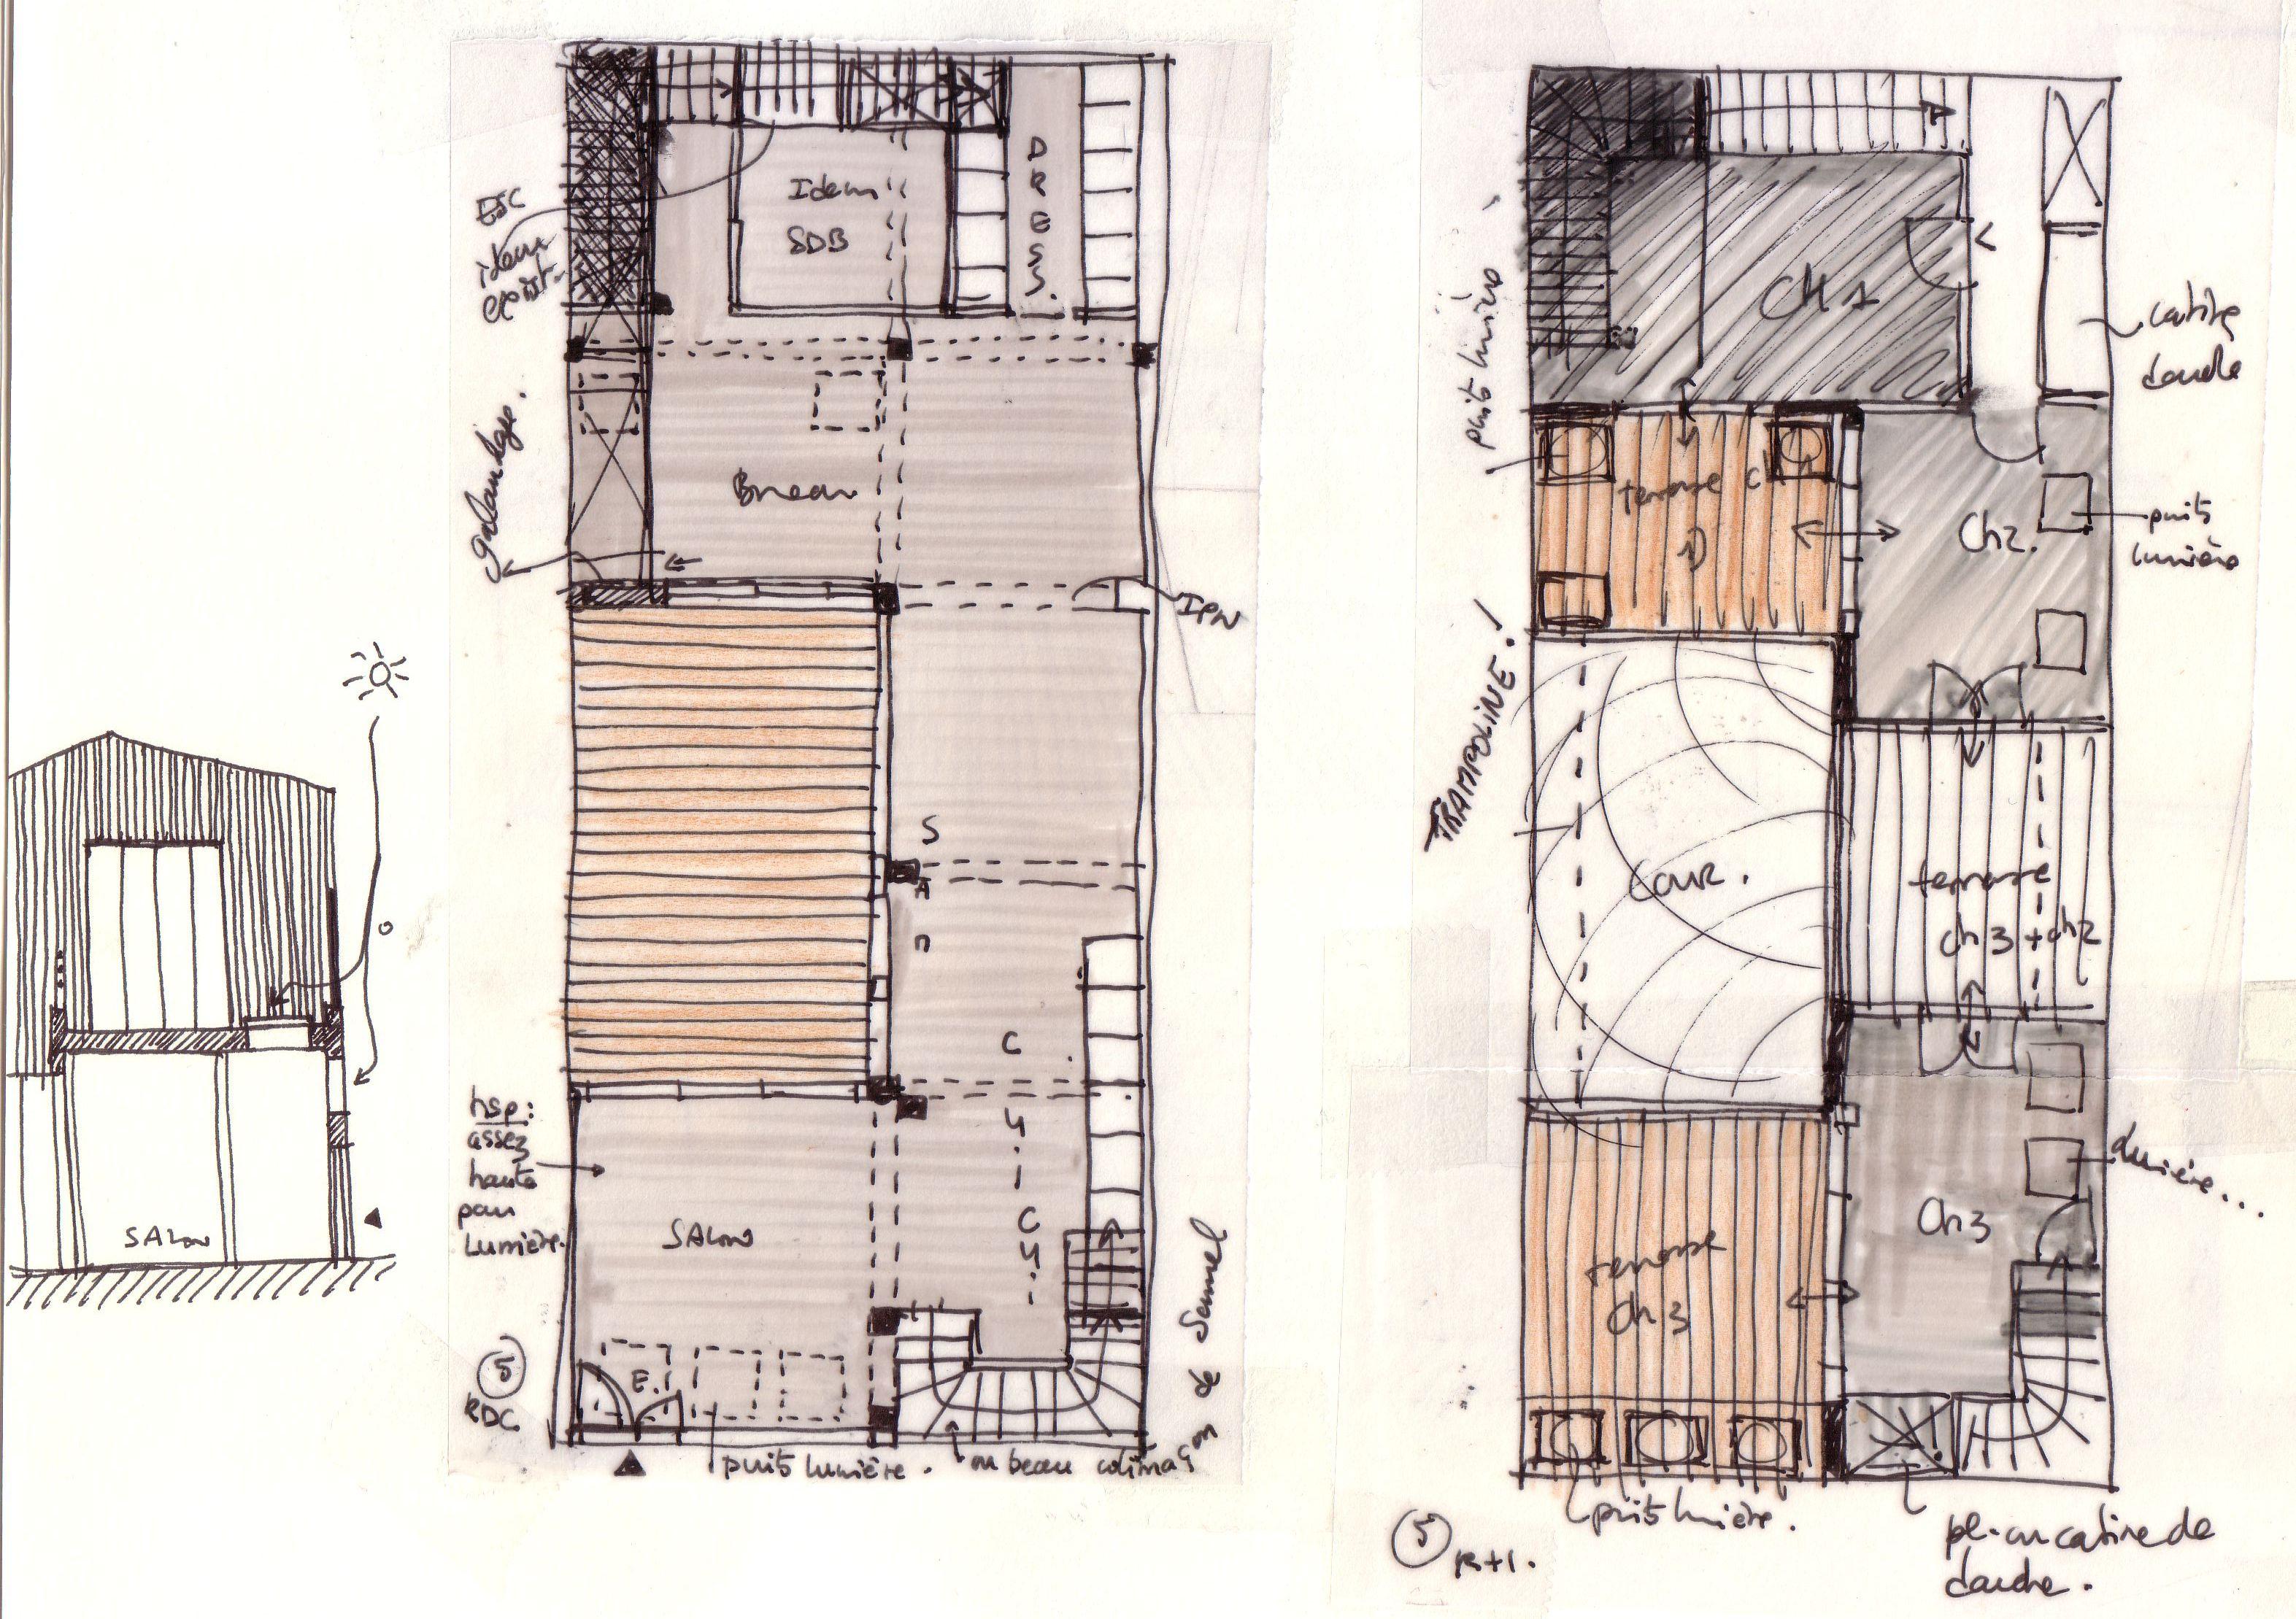 SAMUEL-dessin-5.jpg